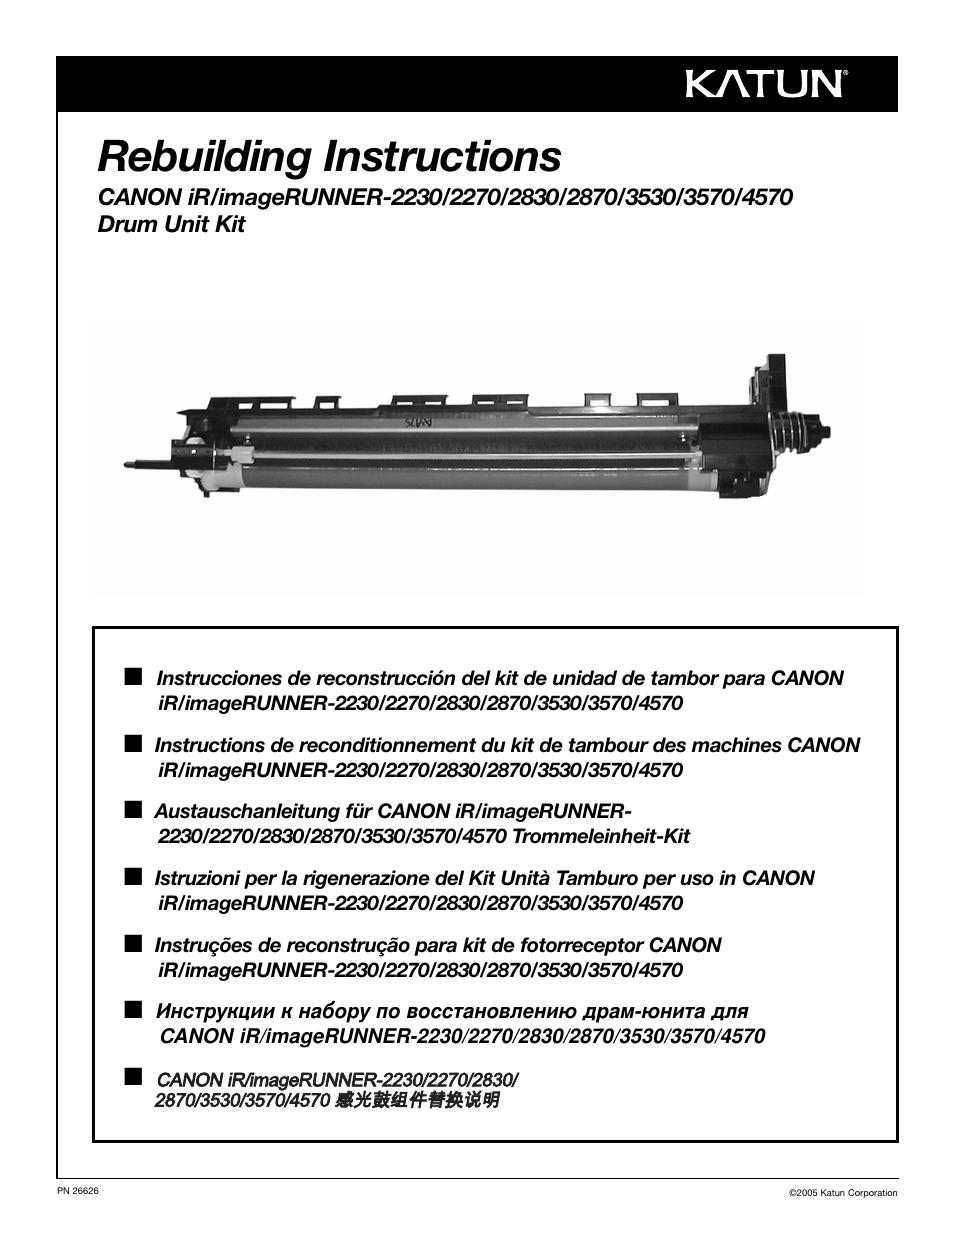 Katun Canon iR/imageRUNNER 4570 Drum Unit Kit User Manual | 20 pages | Also  for: Canon iR/imageRUNNER 3570 Drum Unit Kit, Canon iR/imageRUNNER 3530  Drum ...